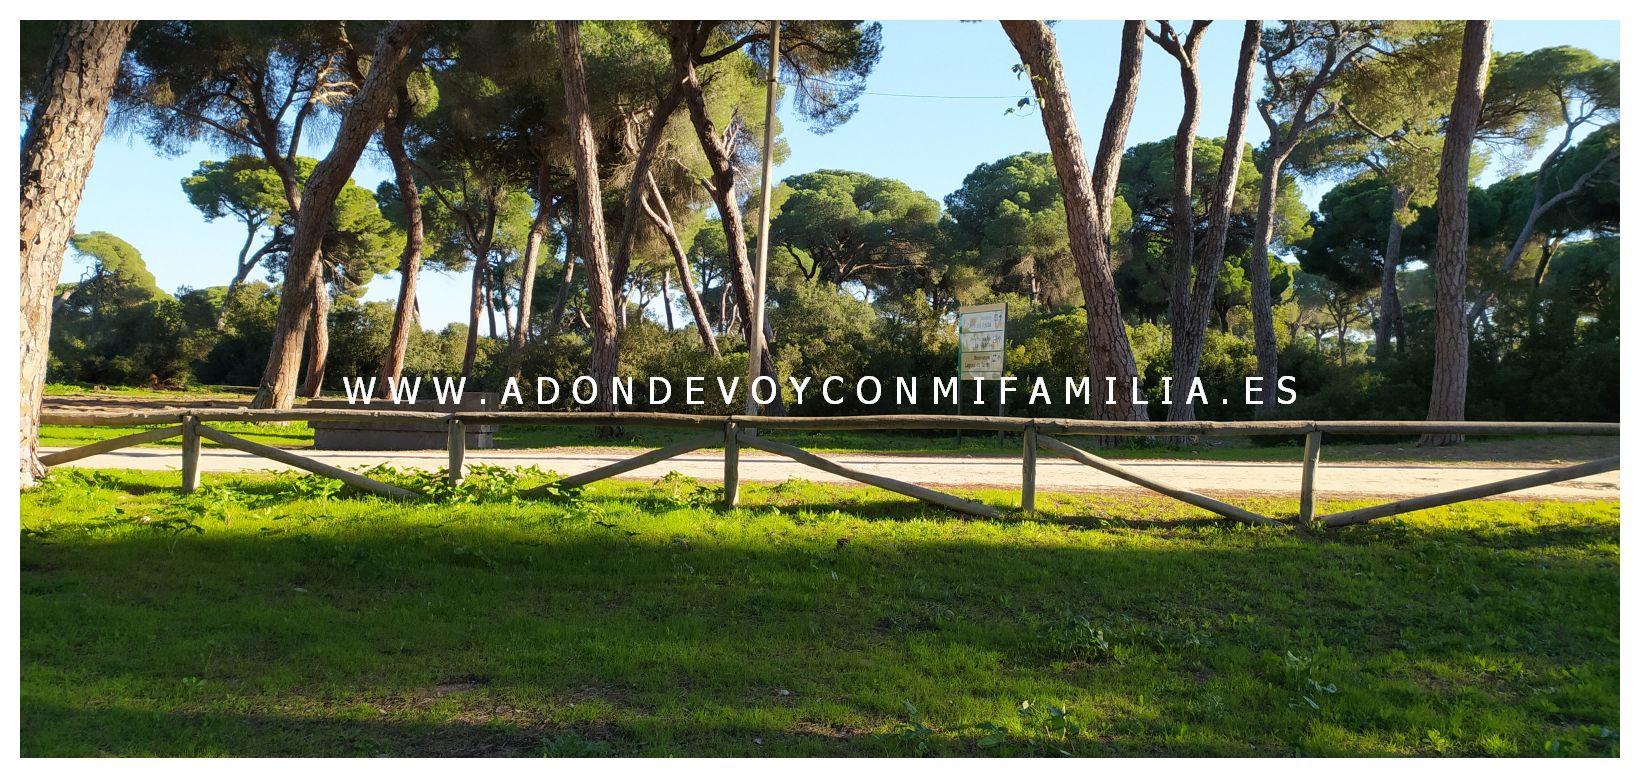 area-recreativa-la-ermita-adondevoyconmifamilia-06